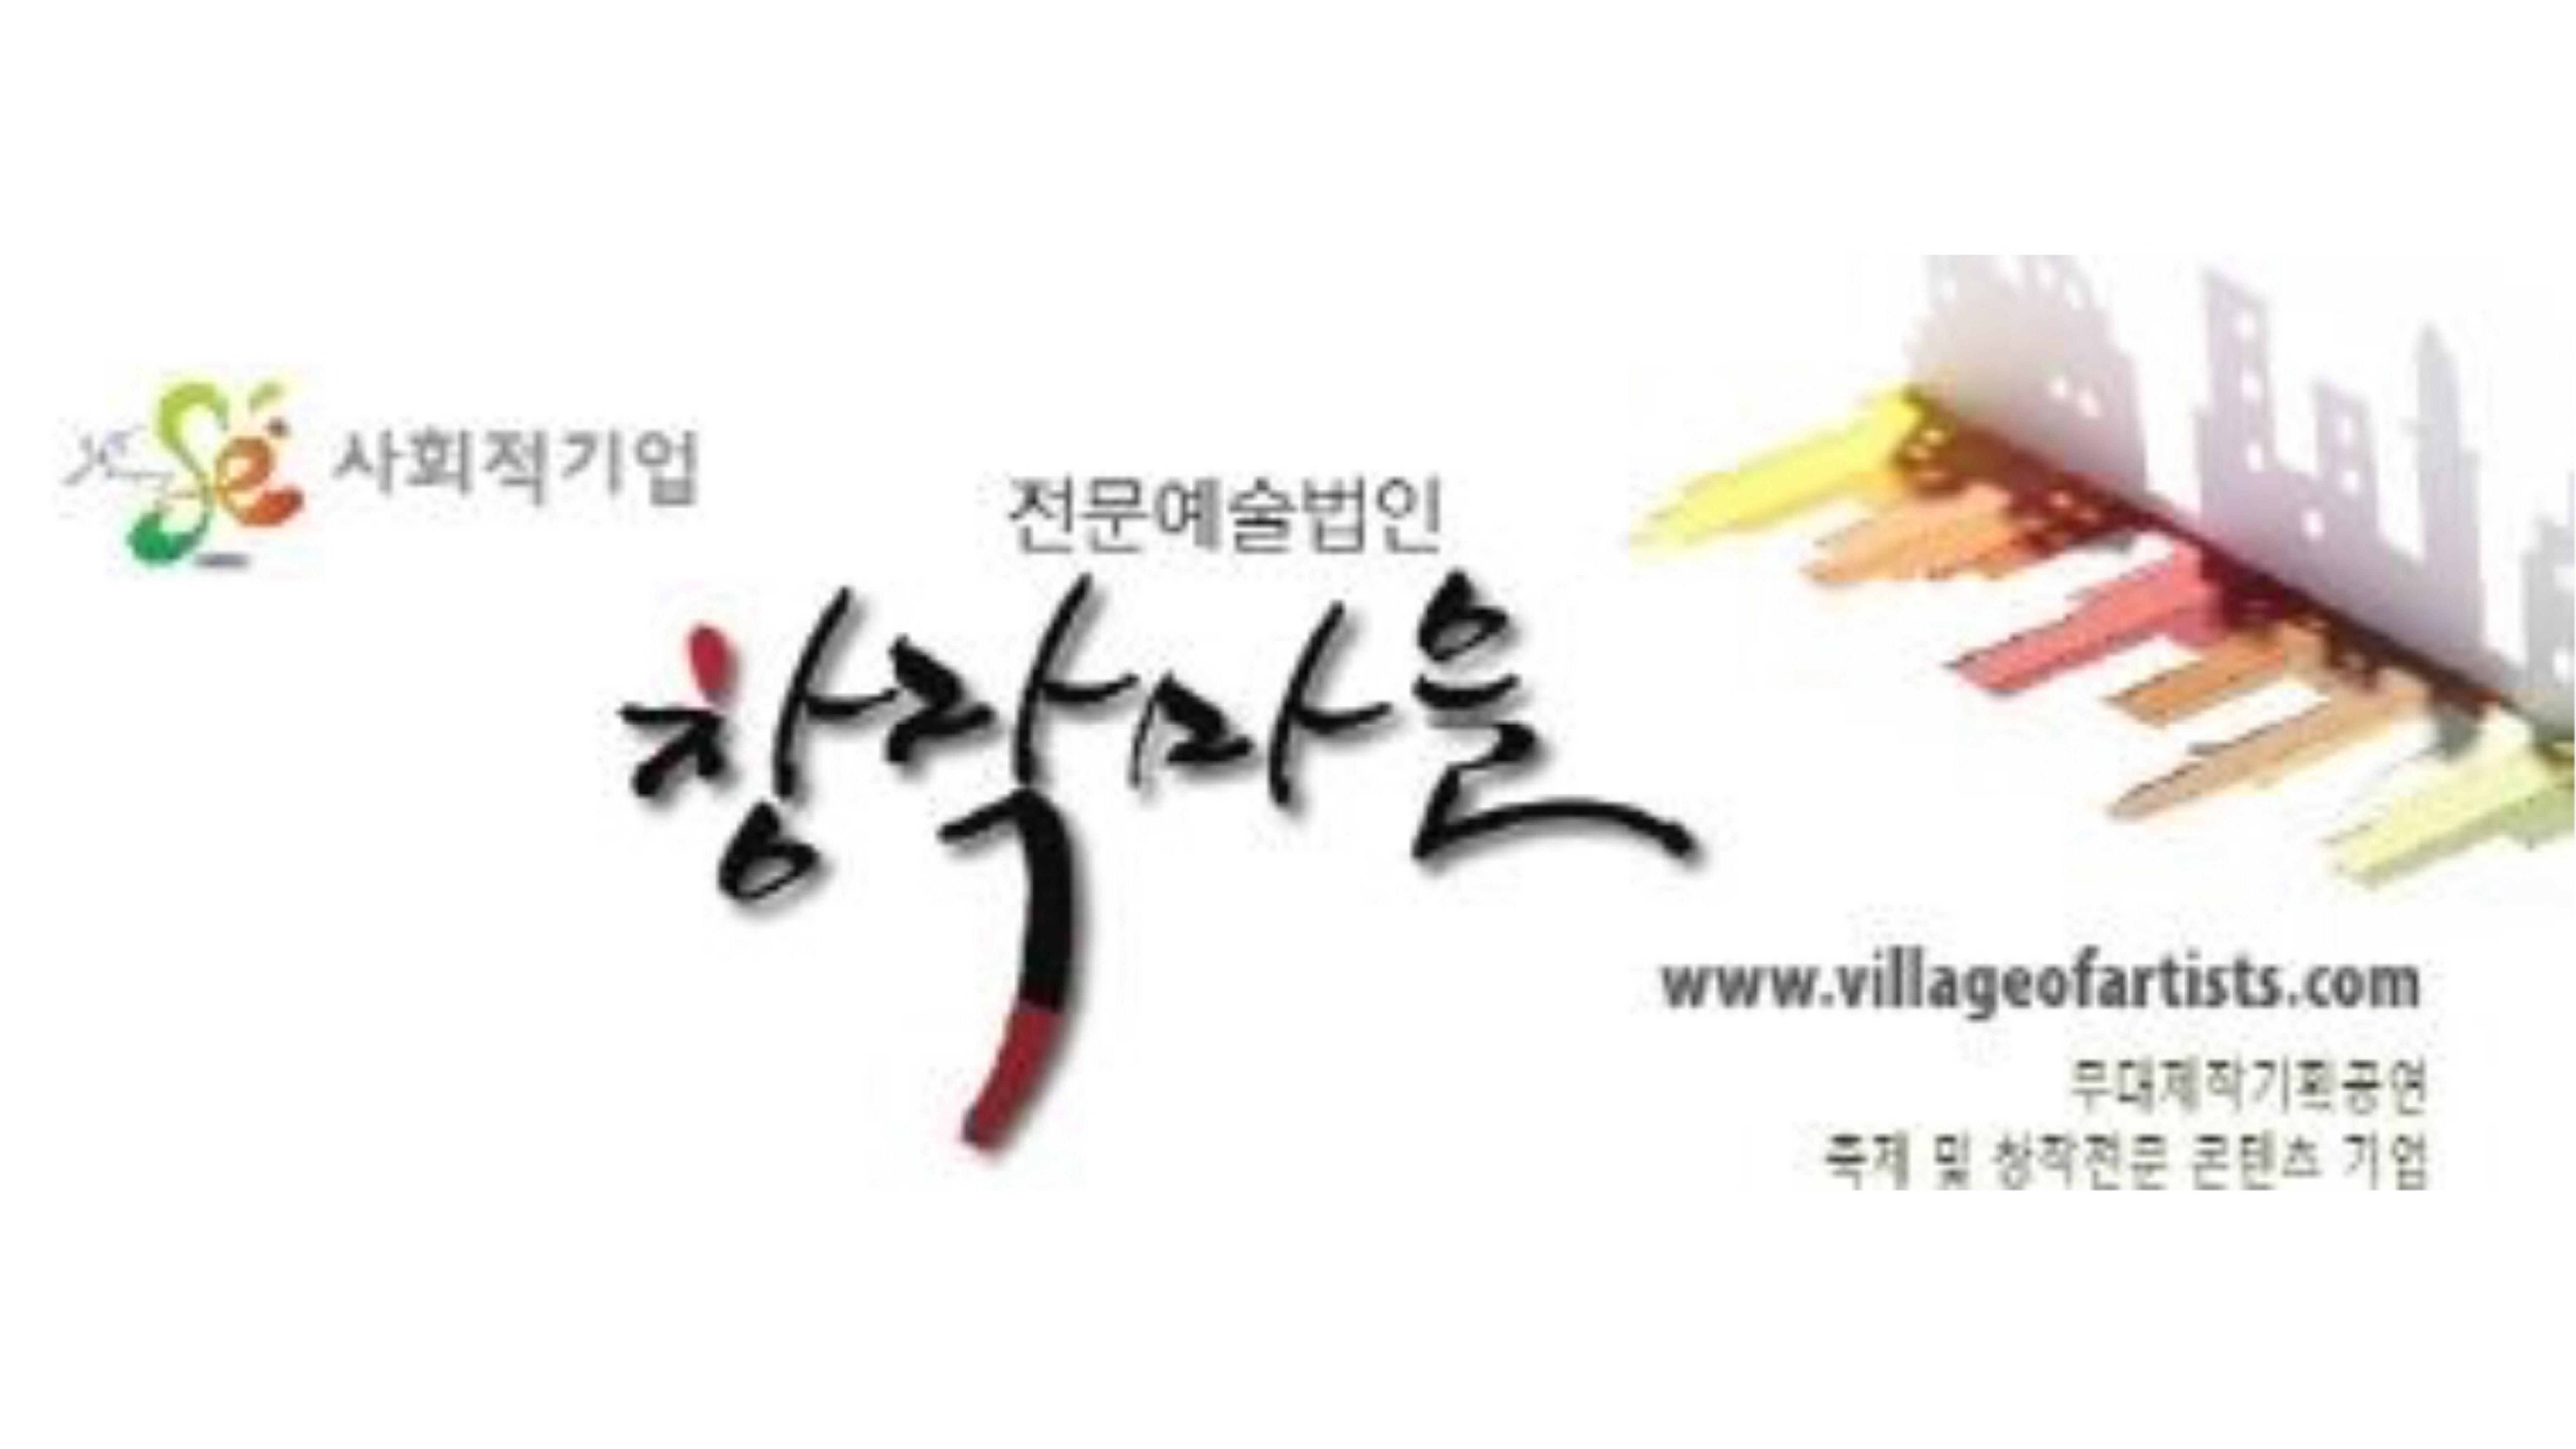 창작마을 유투브 스킨.jpg